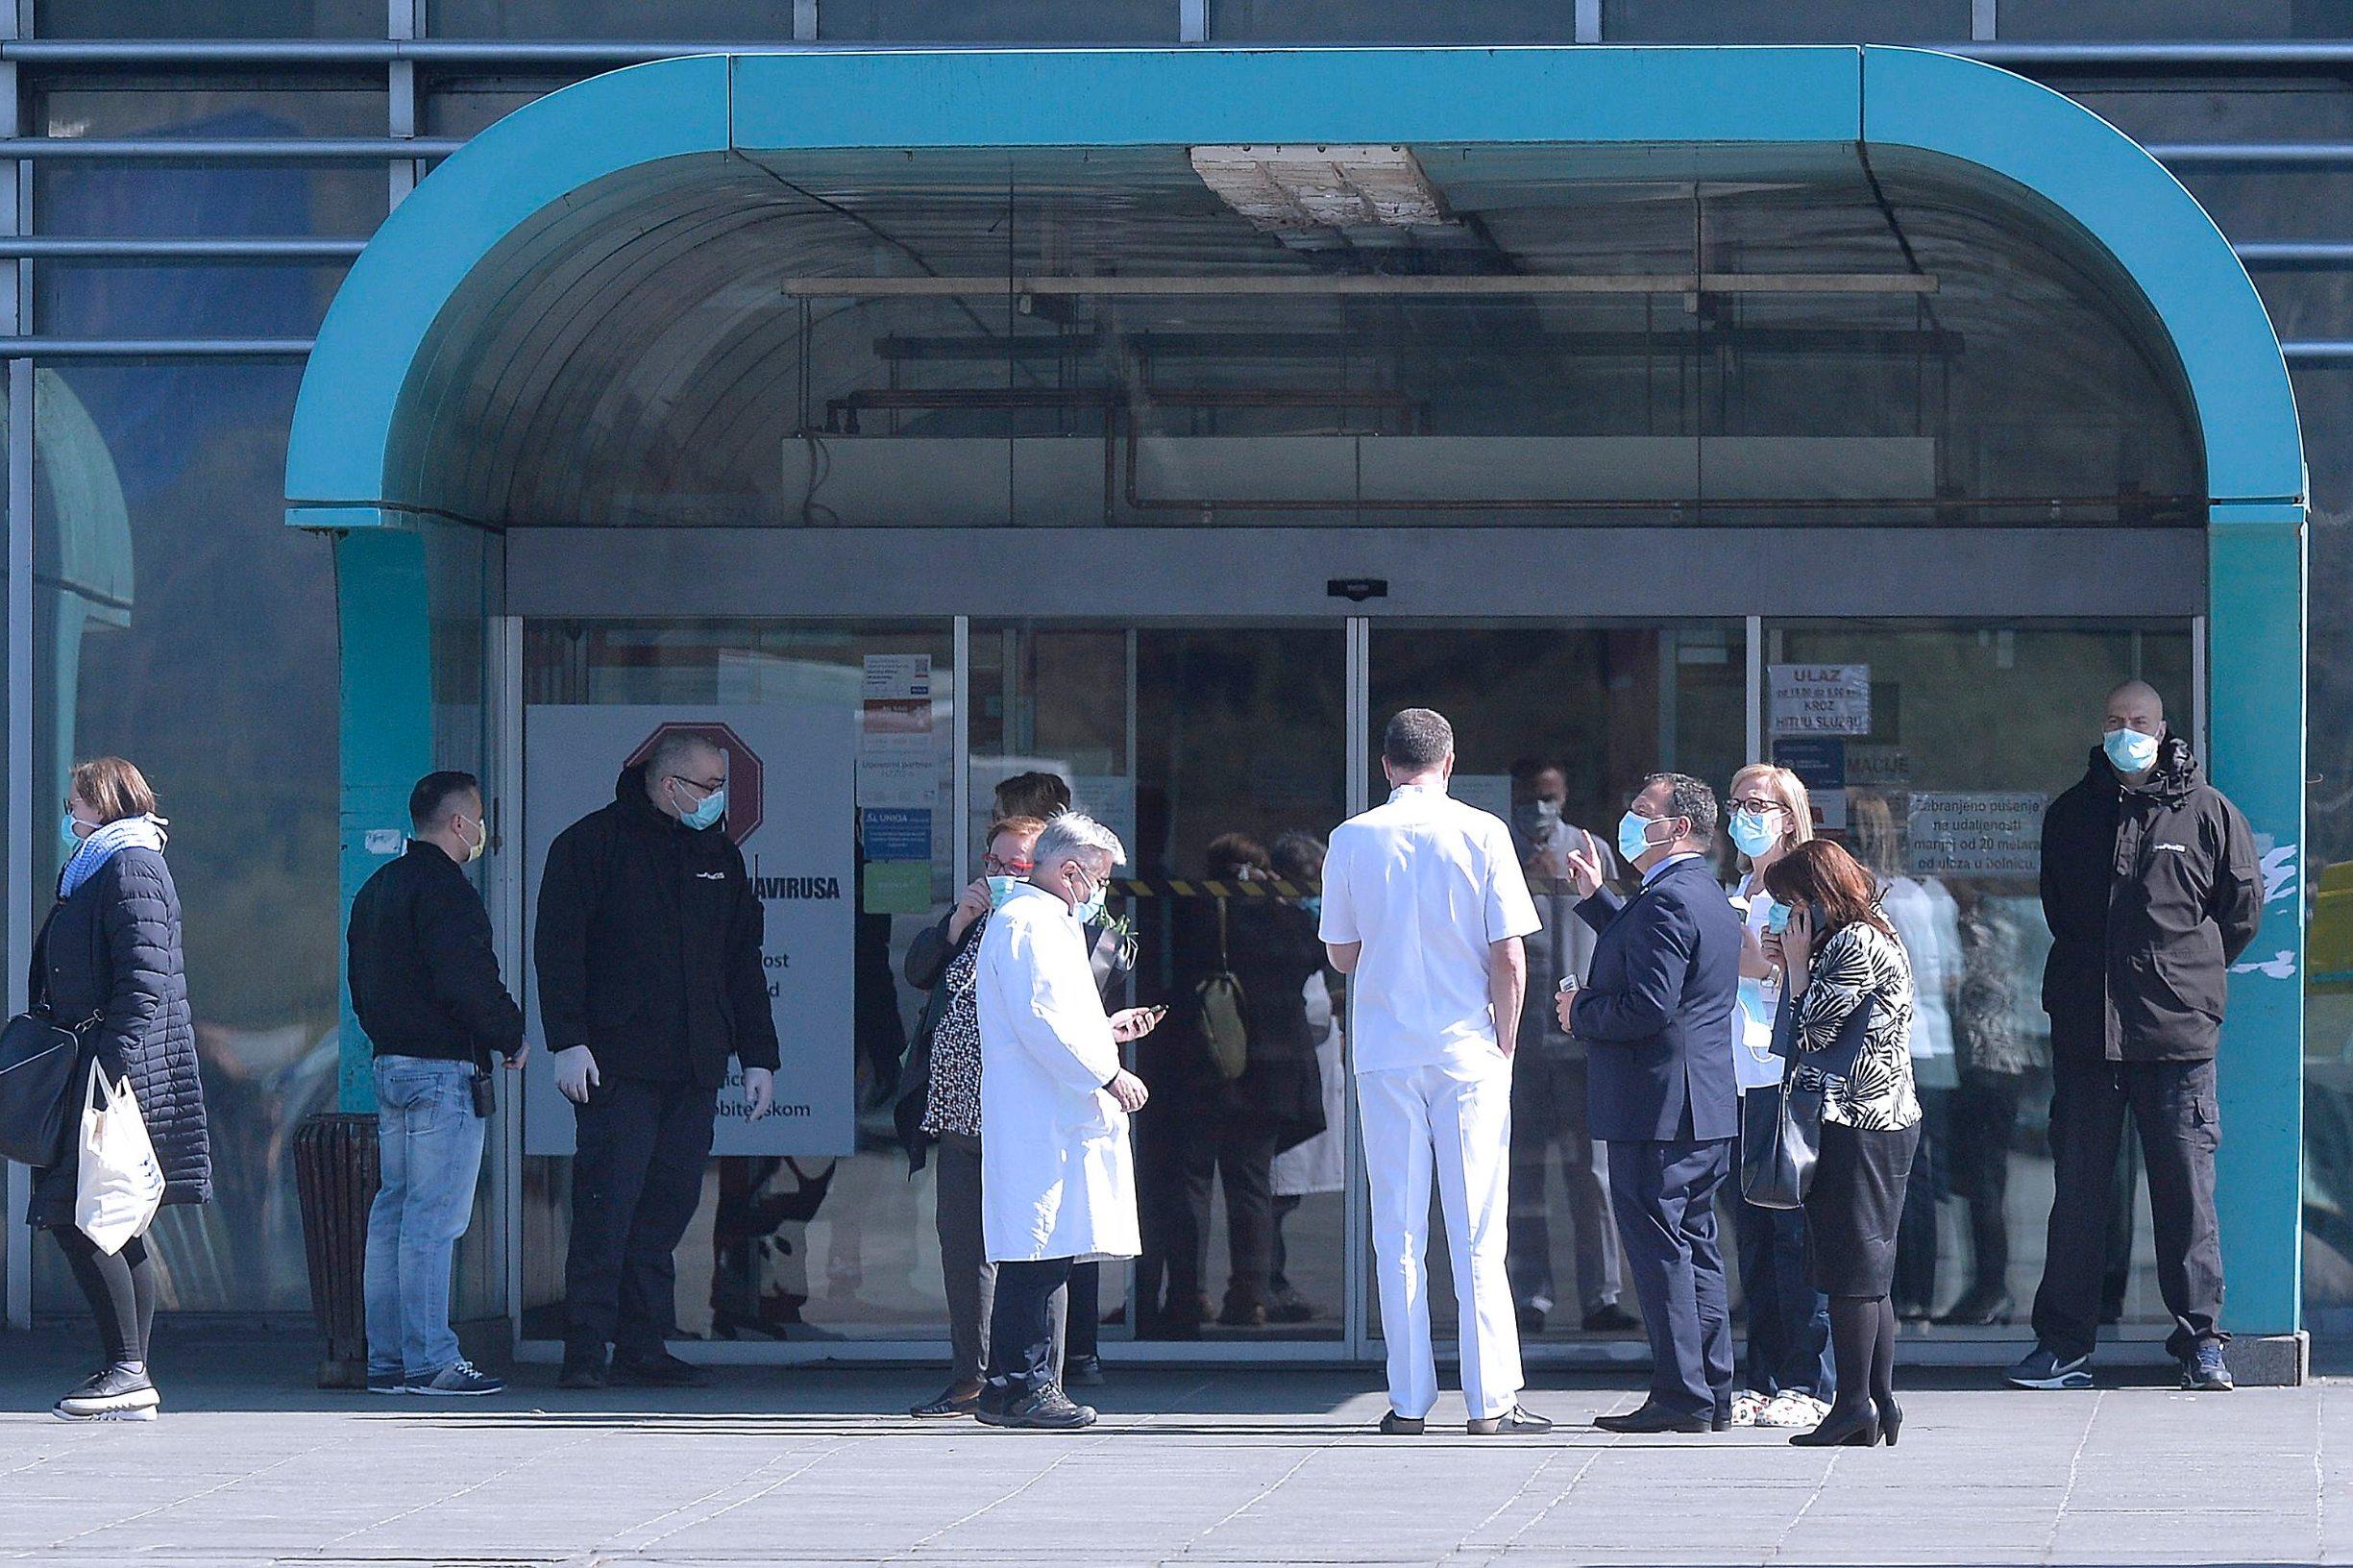 Ministar zdravstva Vili Beroš stigao je u posjet KB Dubrava